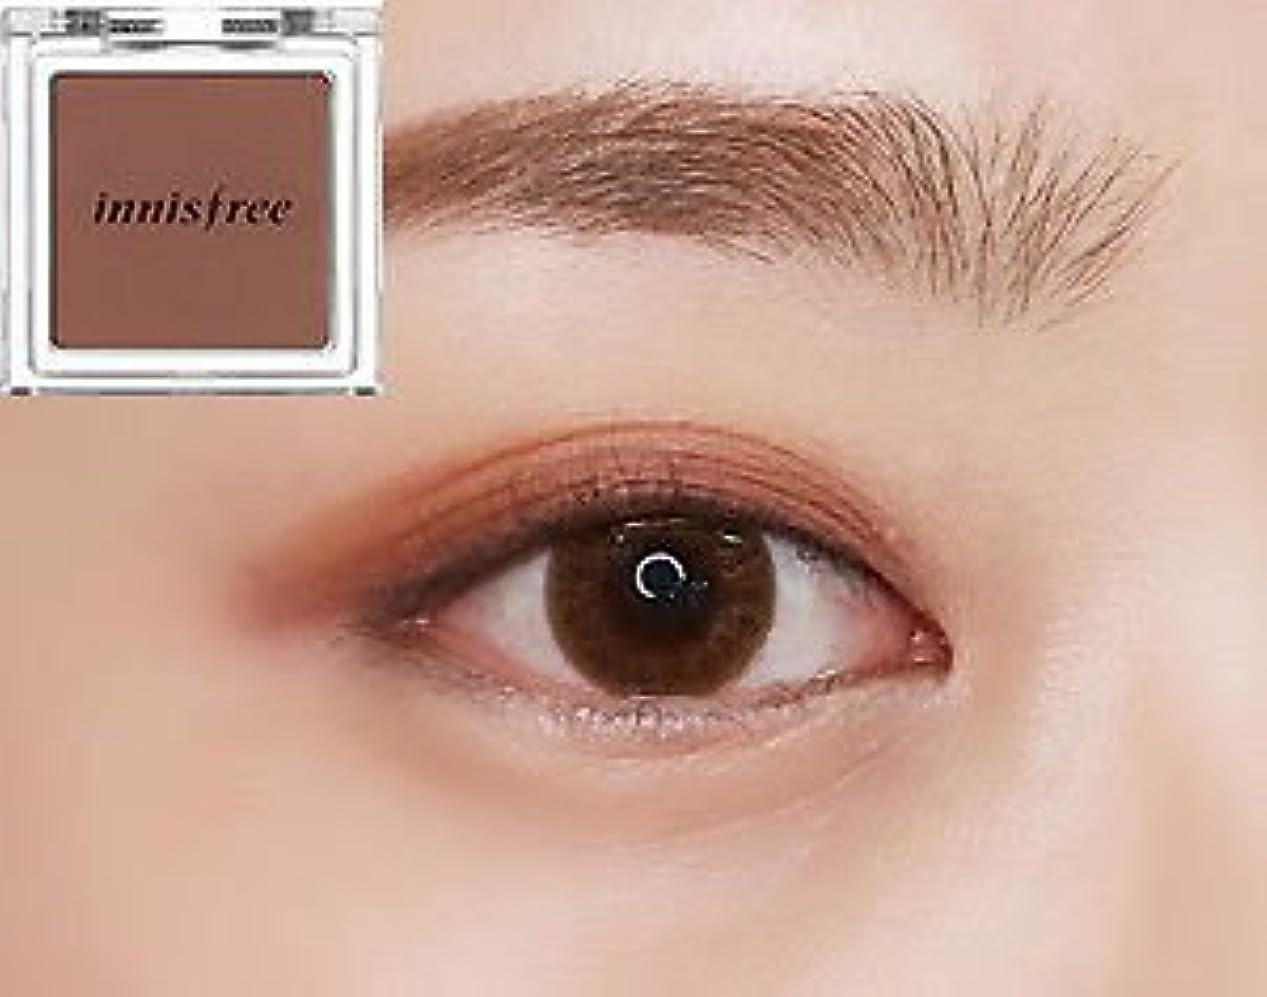 塩あえぎ無駄[イニスフリー] innisfree [マイ パレット マイ アイシャドウ (マット) 40カラー] MY PALETTE My Eyeshadow (Matte) 40 Shades [海外直送品] (マット #14)